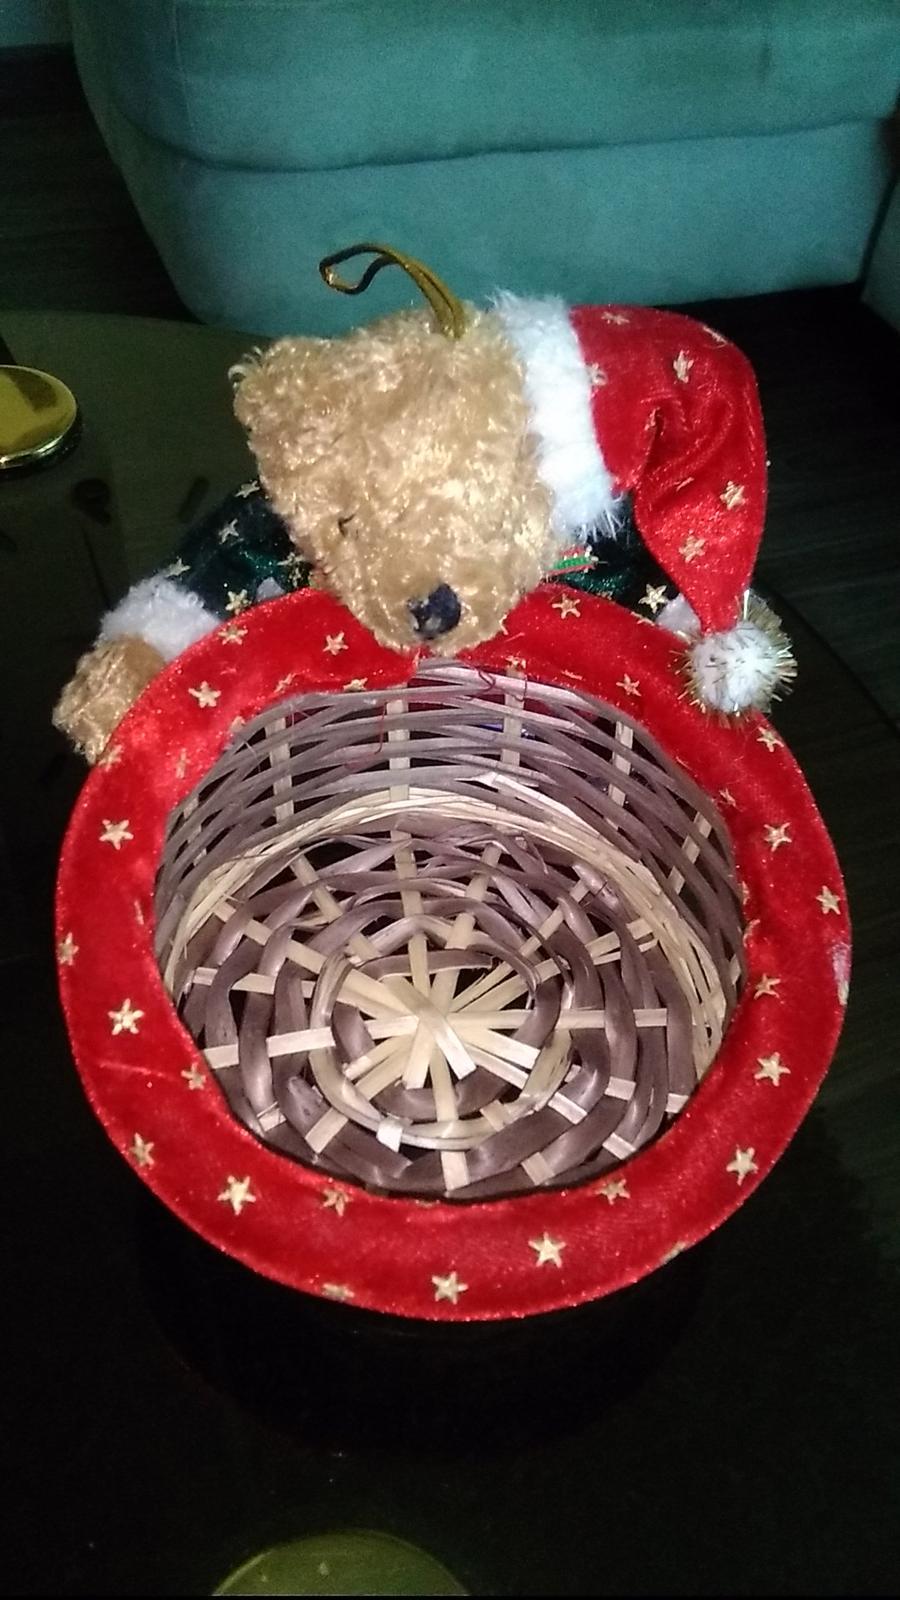 Vianočný košíček na cukríky,oriešky,orechy, atď - Obrázok č. 1